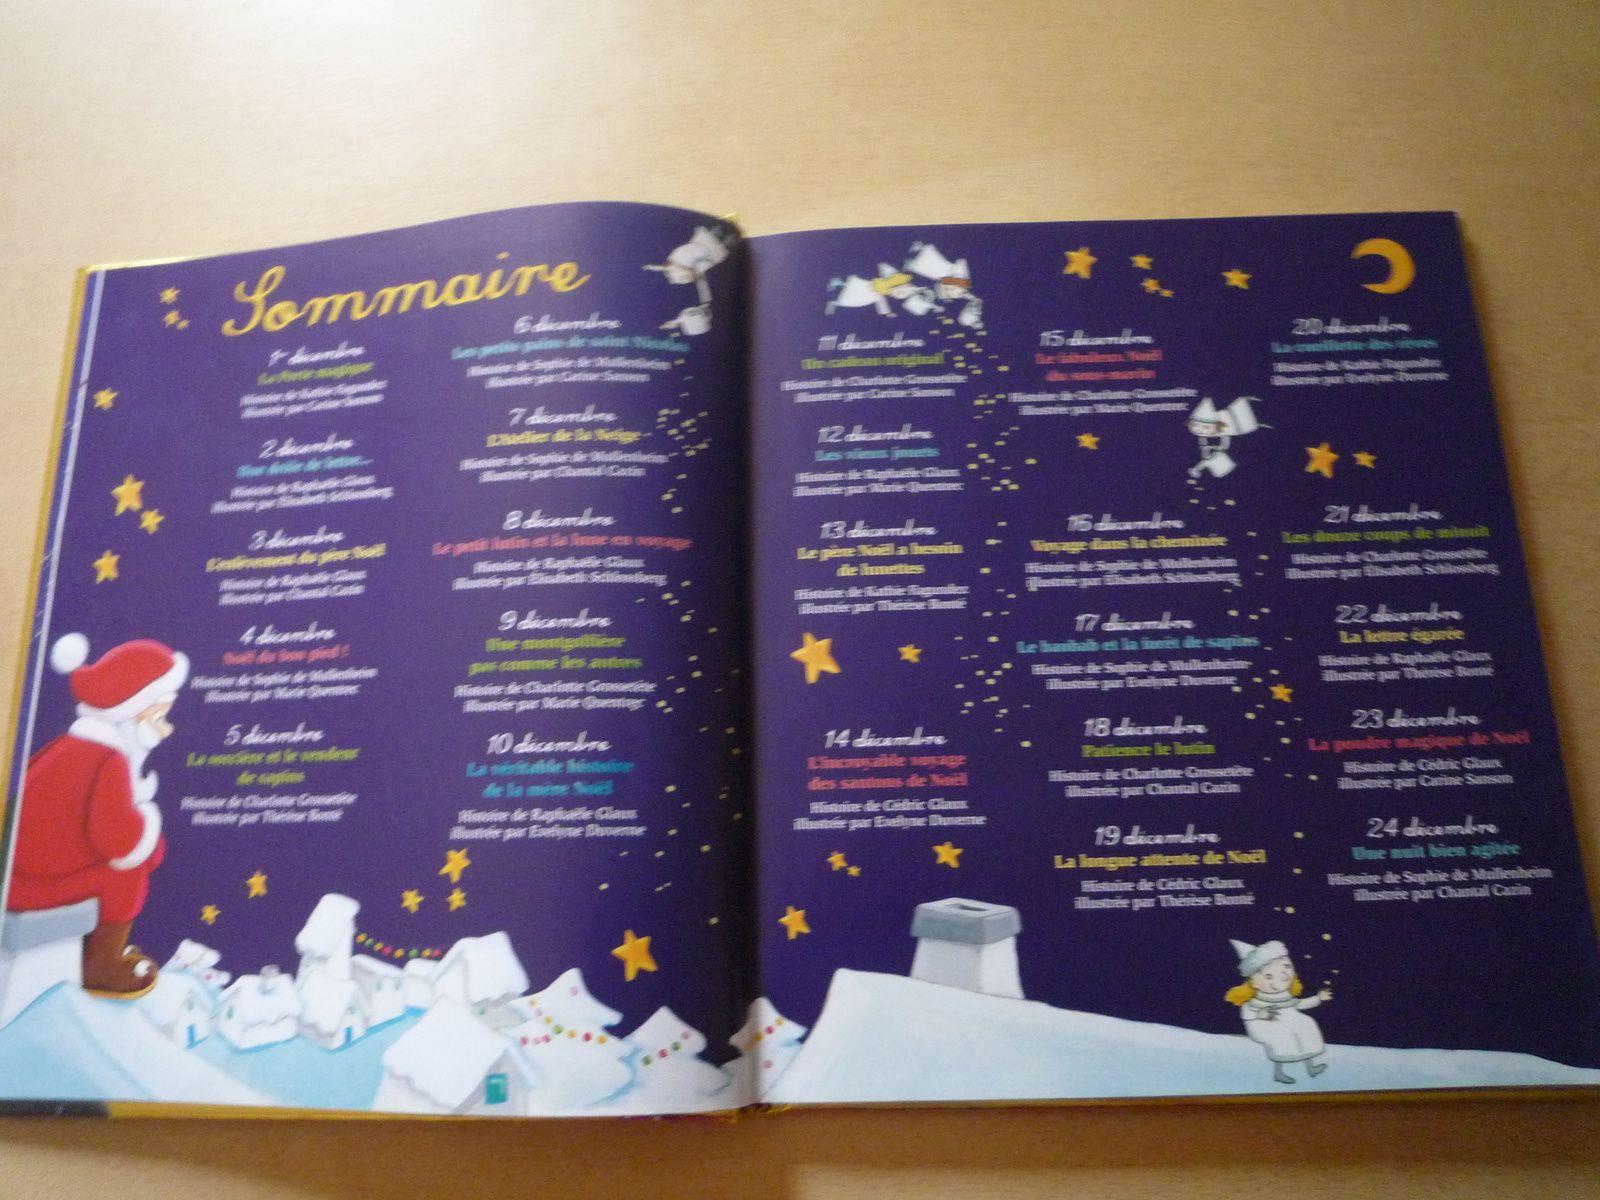 24 histoires magiques [Chut, les enfants lisent ...] #10